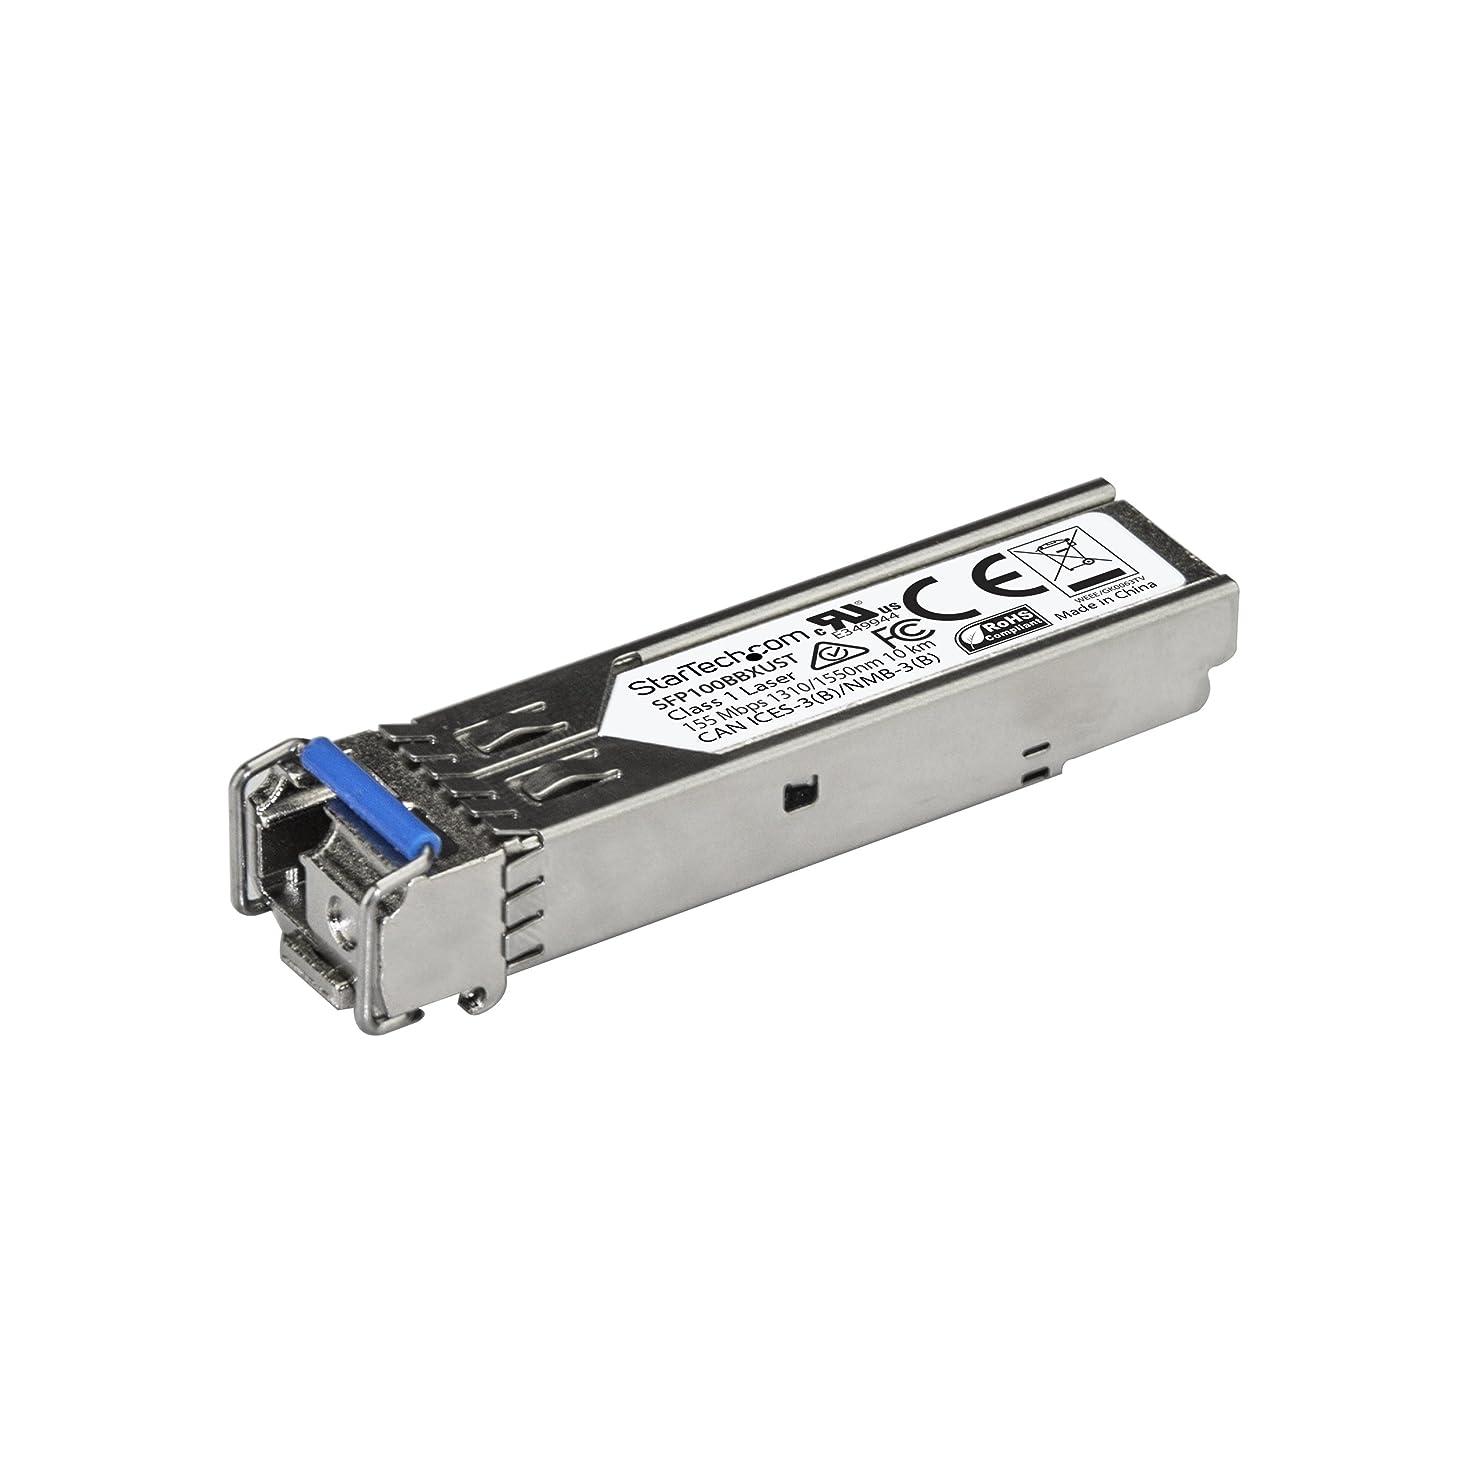 物語にもかかわらず自分の力ですべてをするStarTech.com SFPモジュール 100BASE-BX MSA準拠 アップストリーム LCコネクタ 光ファイバトランシーバ ライフタイム保証 1Gbps SFP100BBXUST